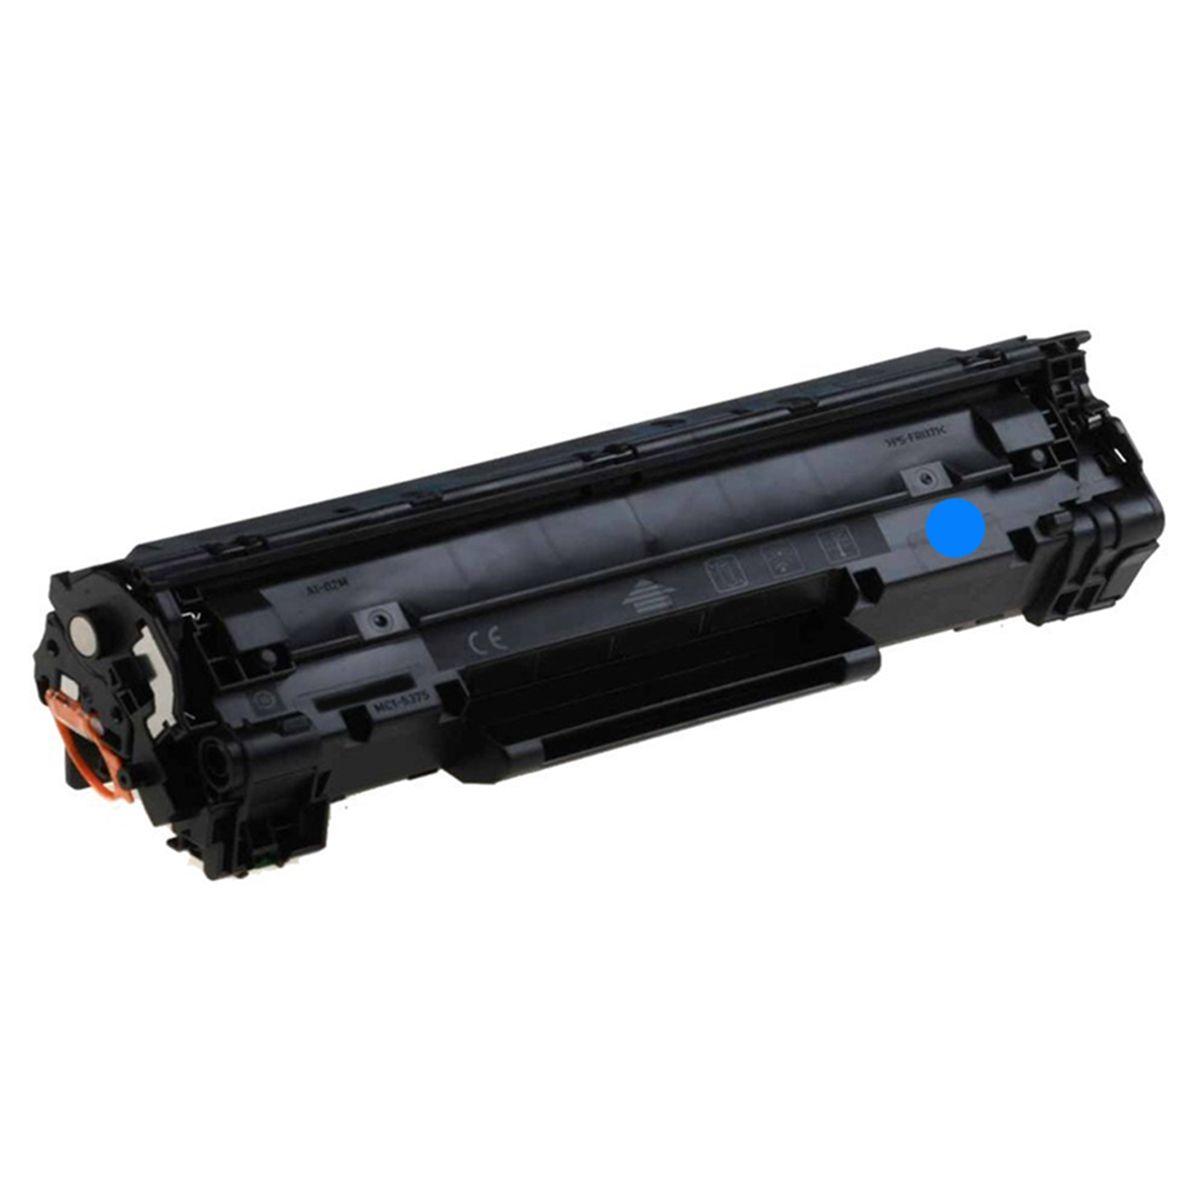 Toner HP CF401X Ciano para impressoras M252DW M277DW M252 M277 Compatível